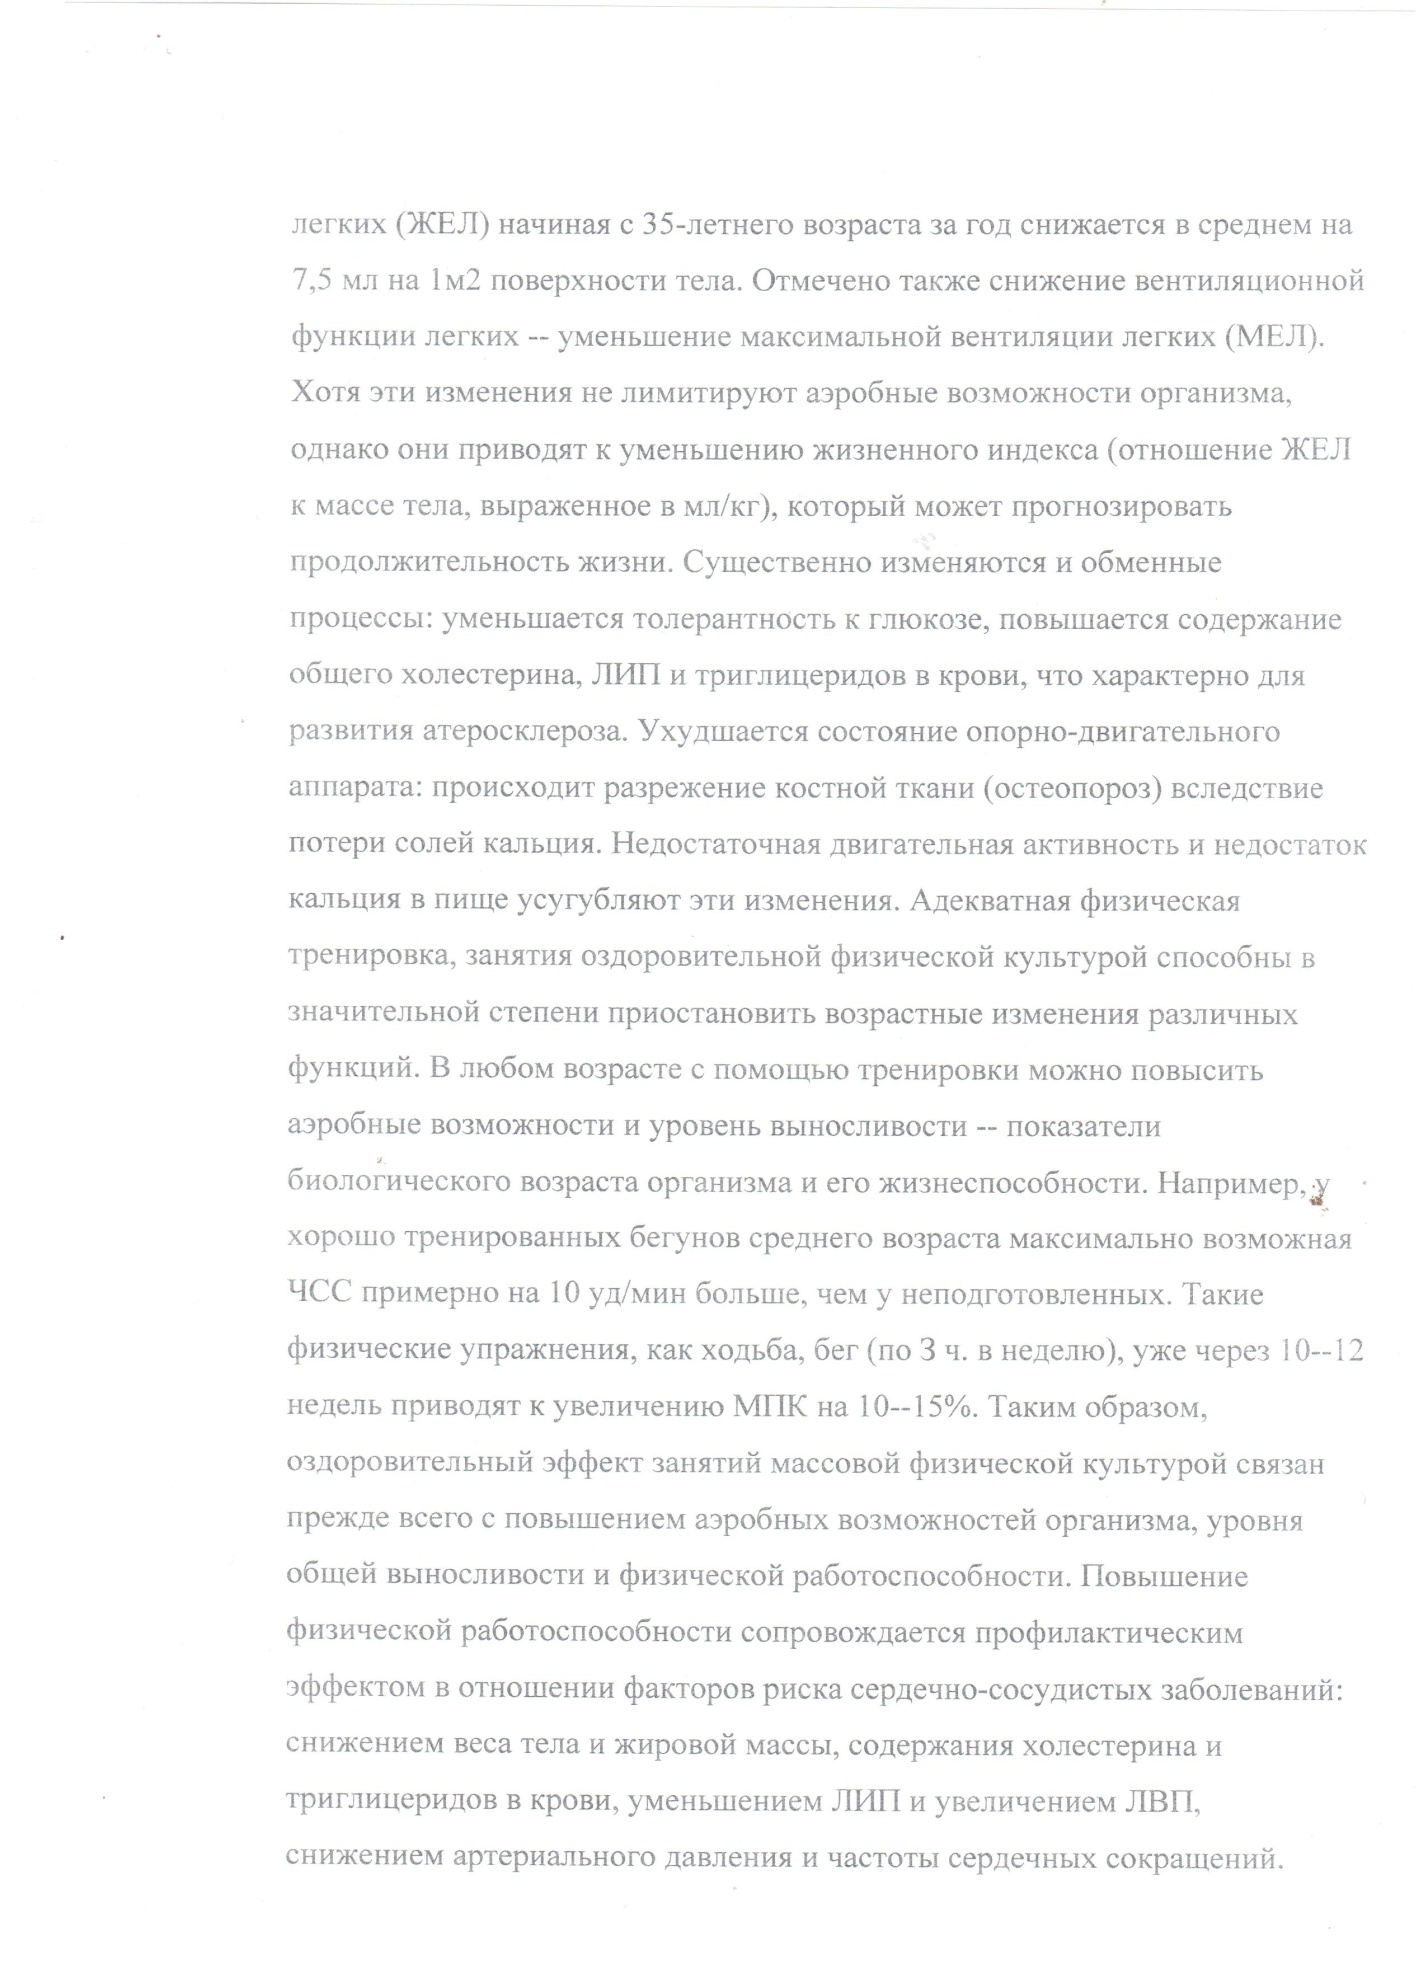 C:\Users\Администратор\Desktop\по самообразованию\008.jpg